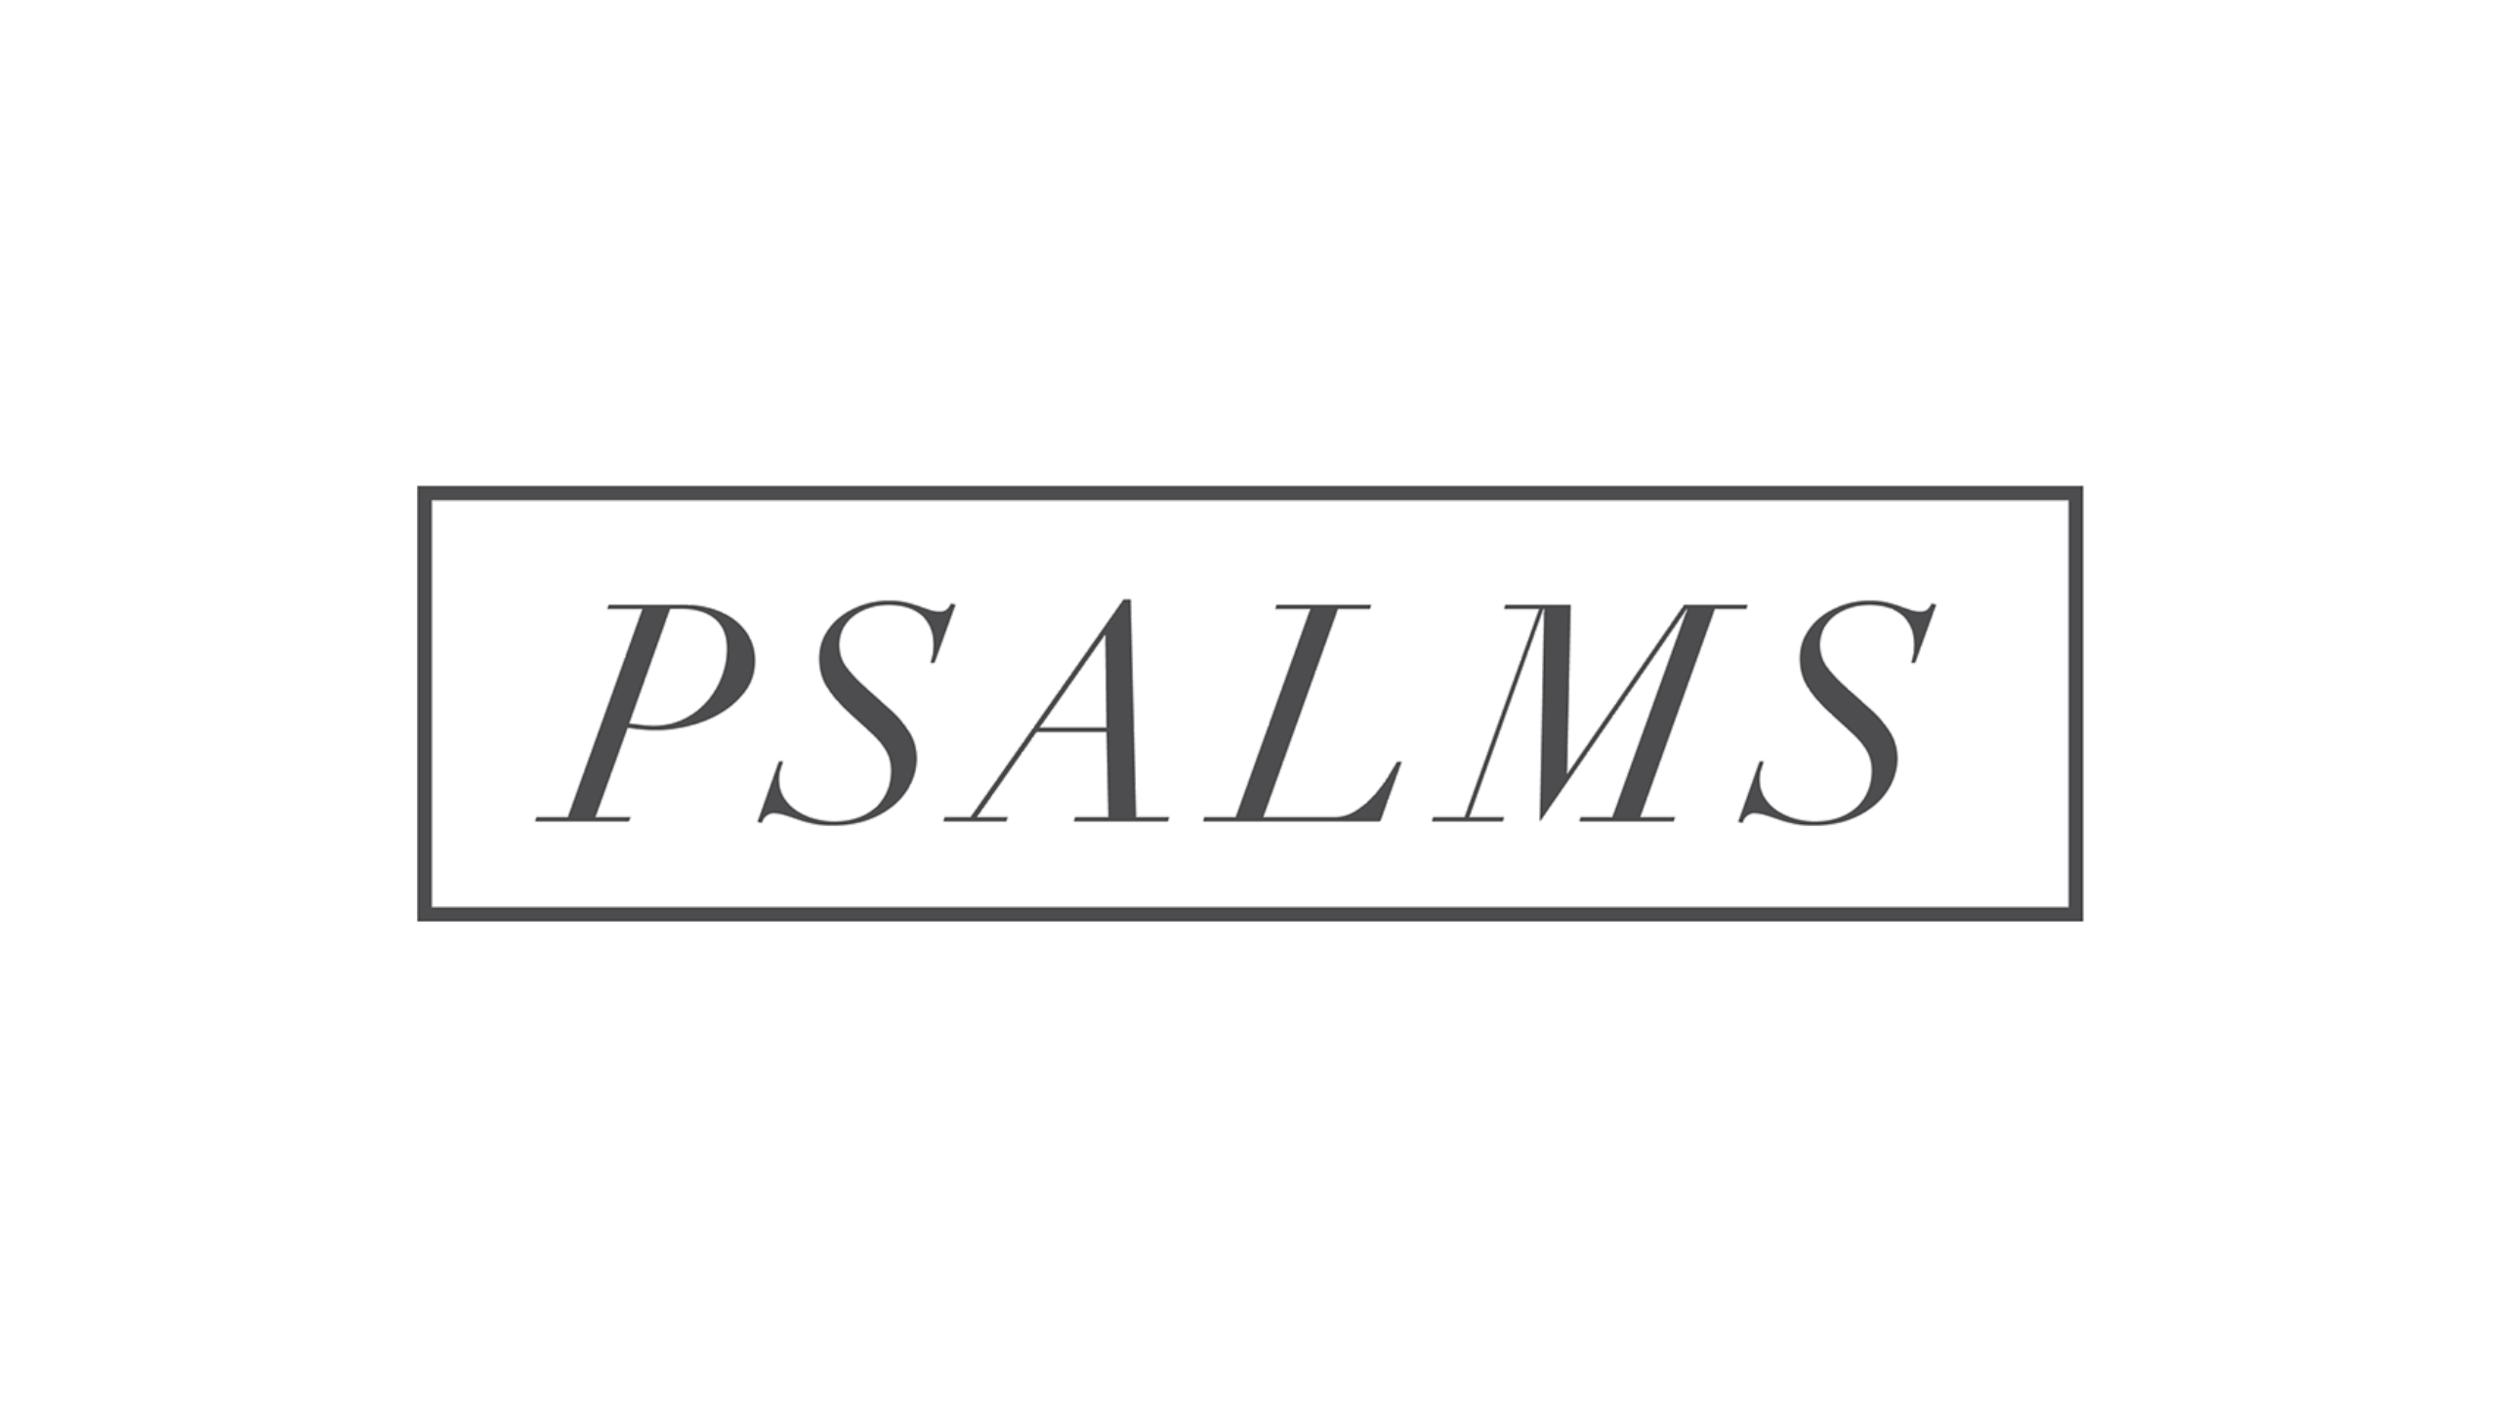 Psalm 11-20 - Summer 2019